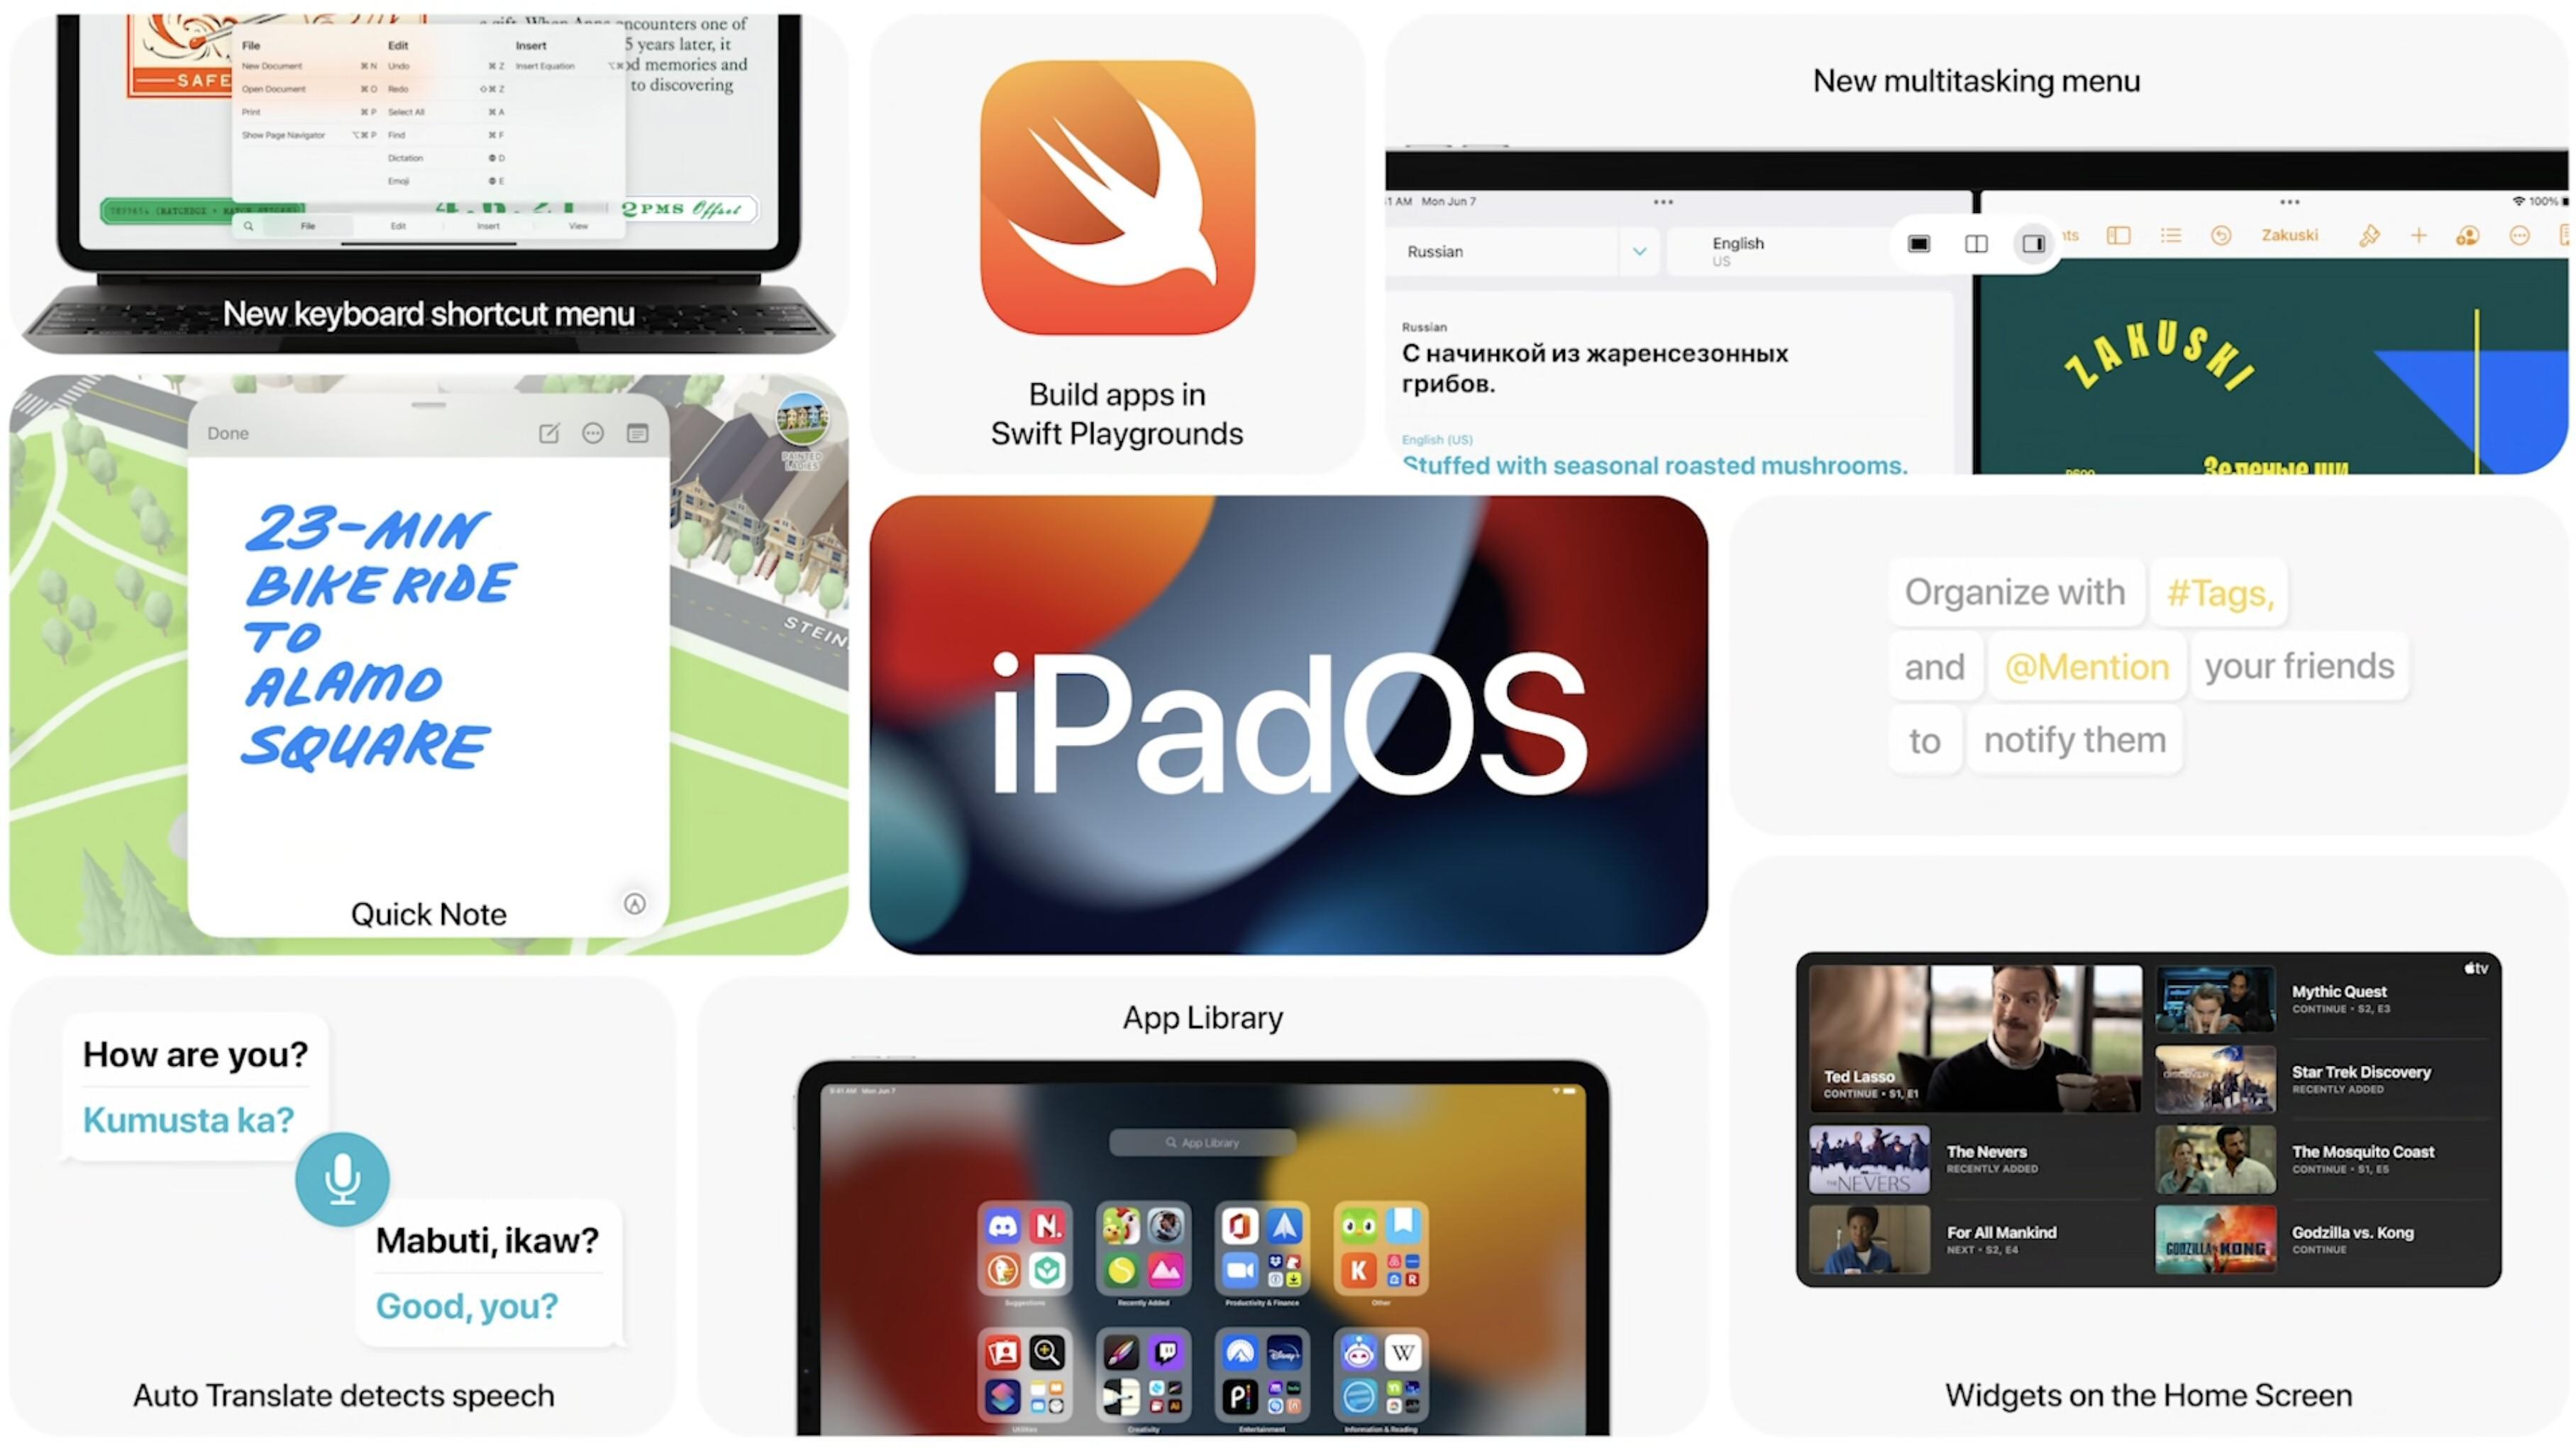 Neste iPadOS vil by på bedre multitasking og widgets på hjemmeskjermen